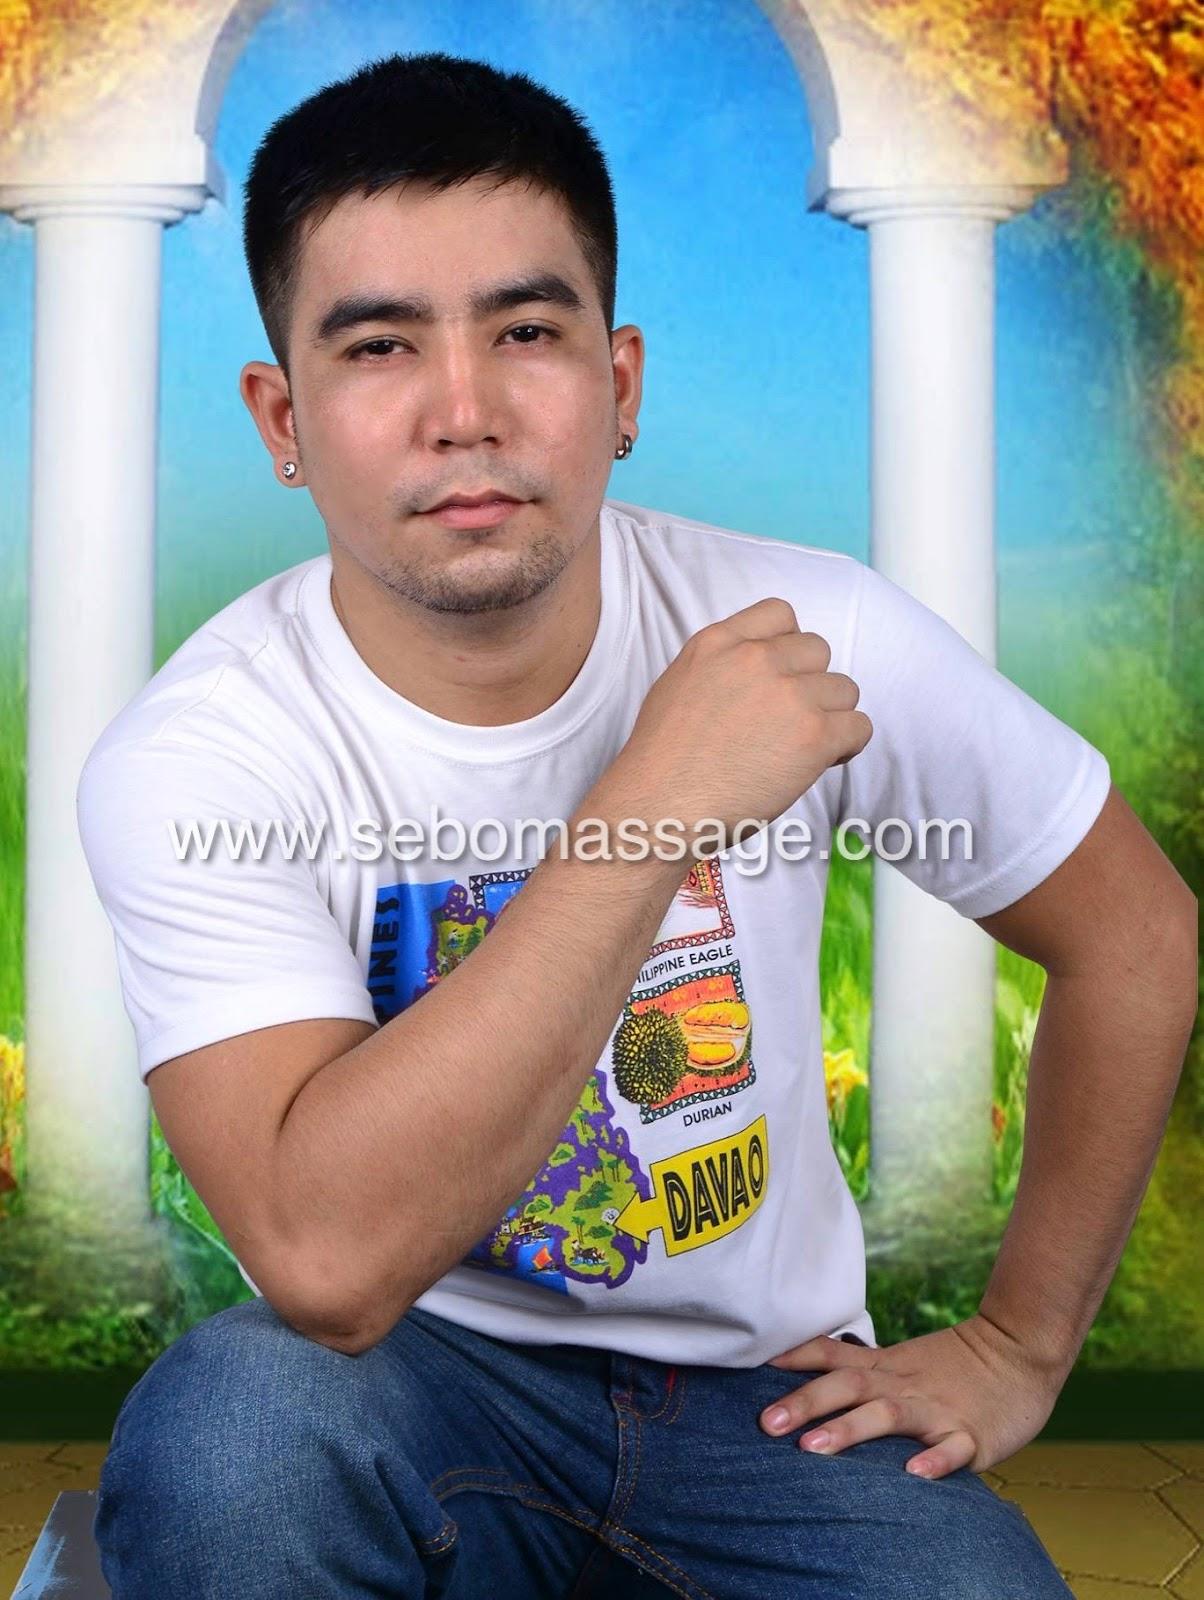 De cagayan oro massage therapist in female Cassandra Home